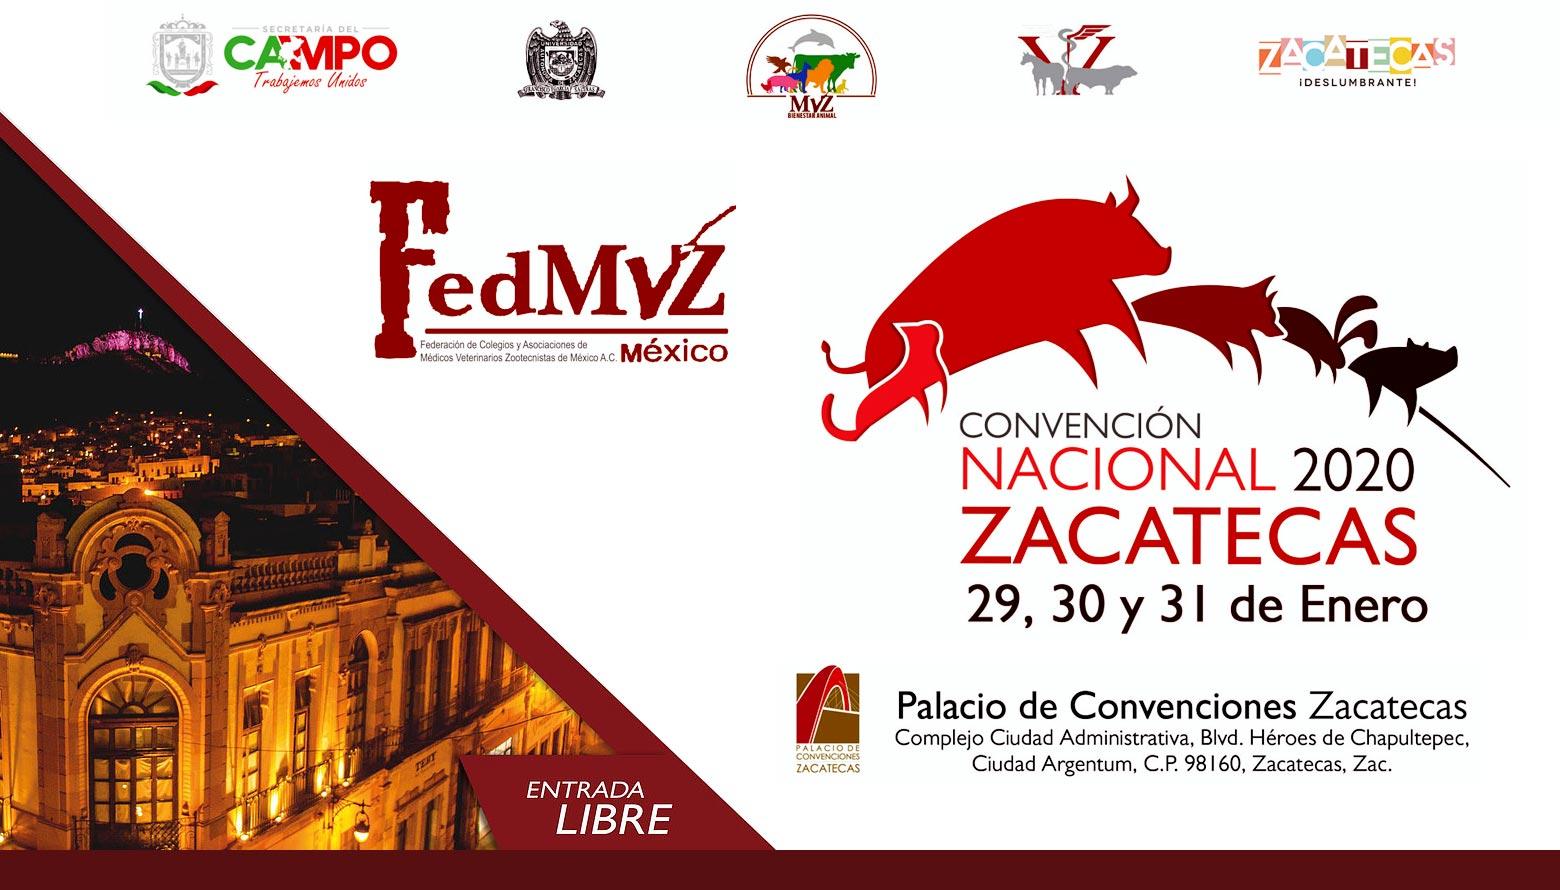 Convención Nacional 2020